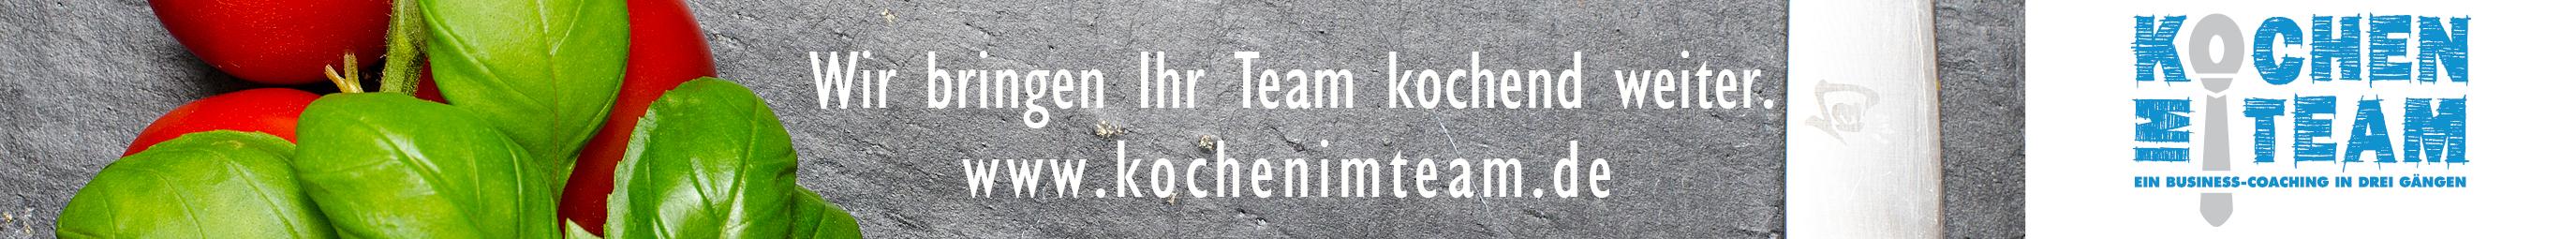 Kochen im Team, Kati Schmitt-STuhlträger, Teamentwicklung, Teambuilding